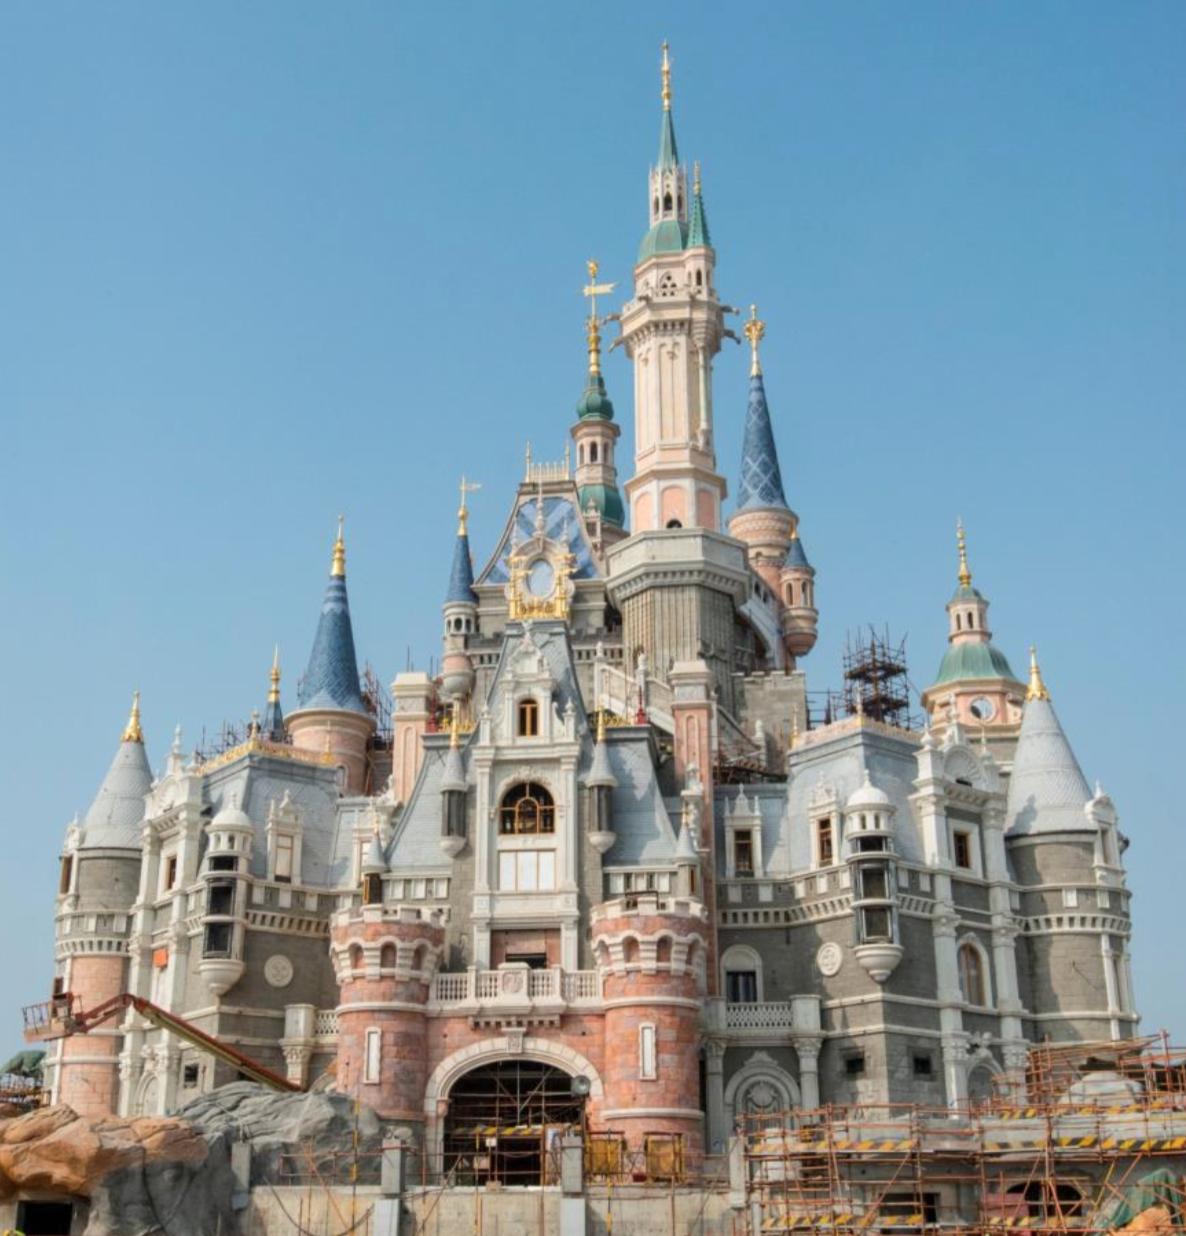 迪士尼城堡图案图片_迪士尼城堡图案图片下载